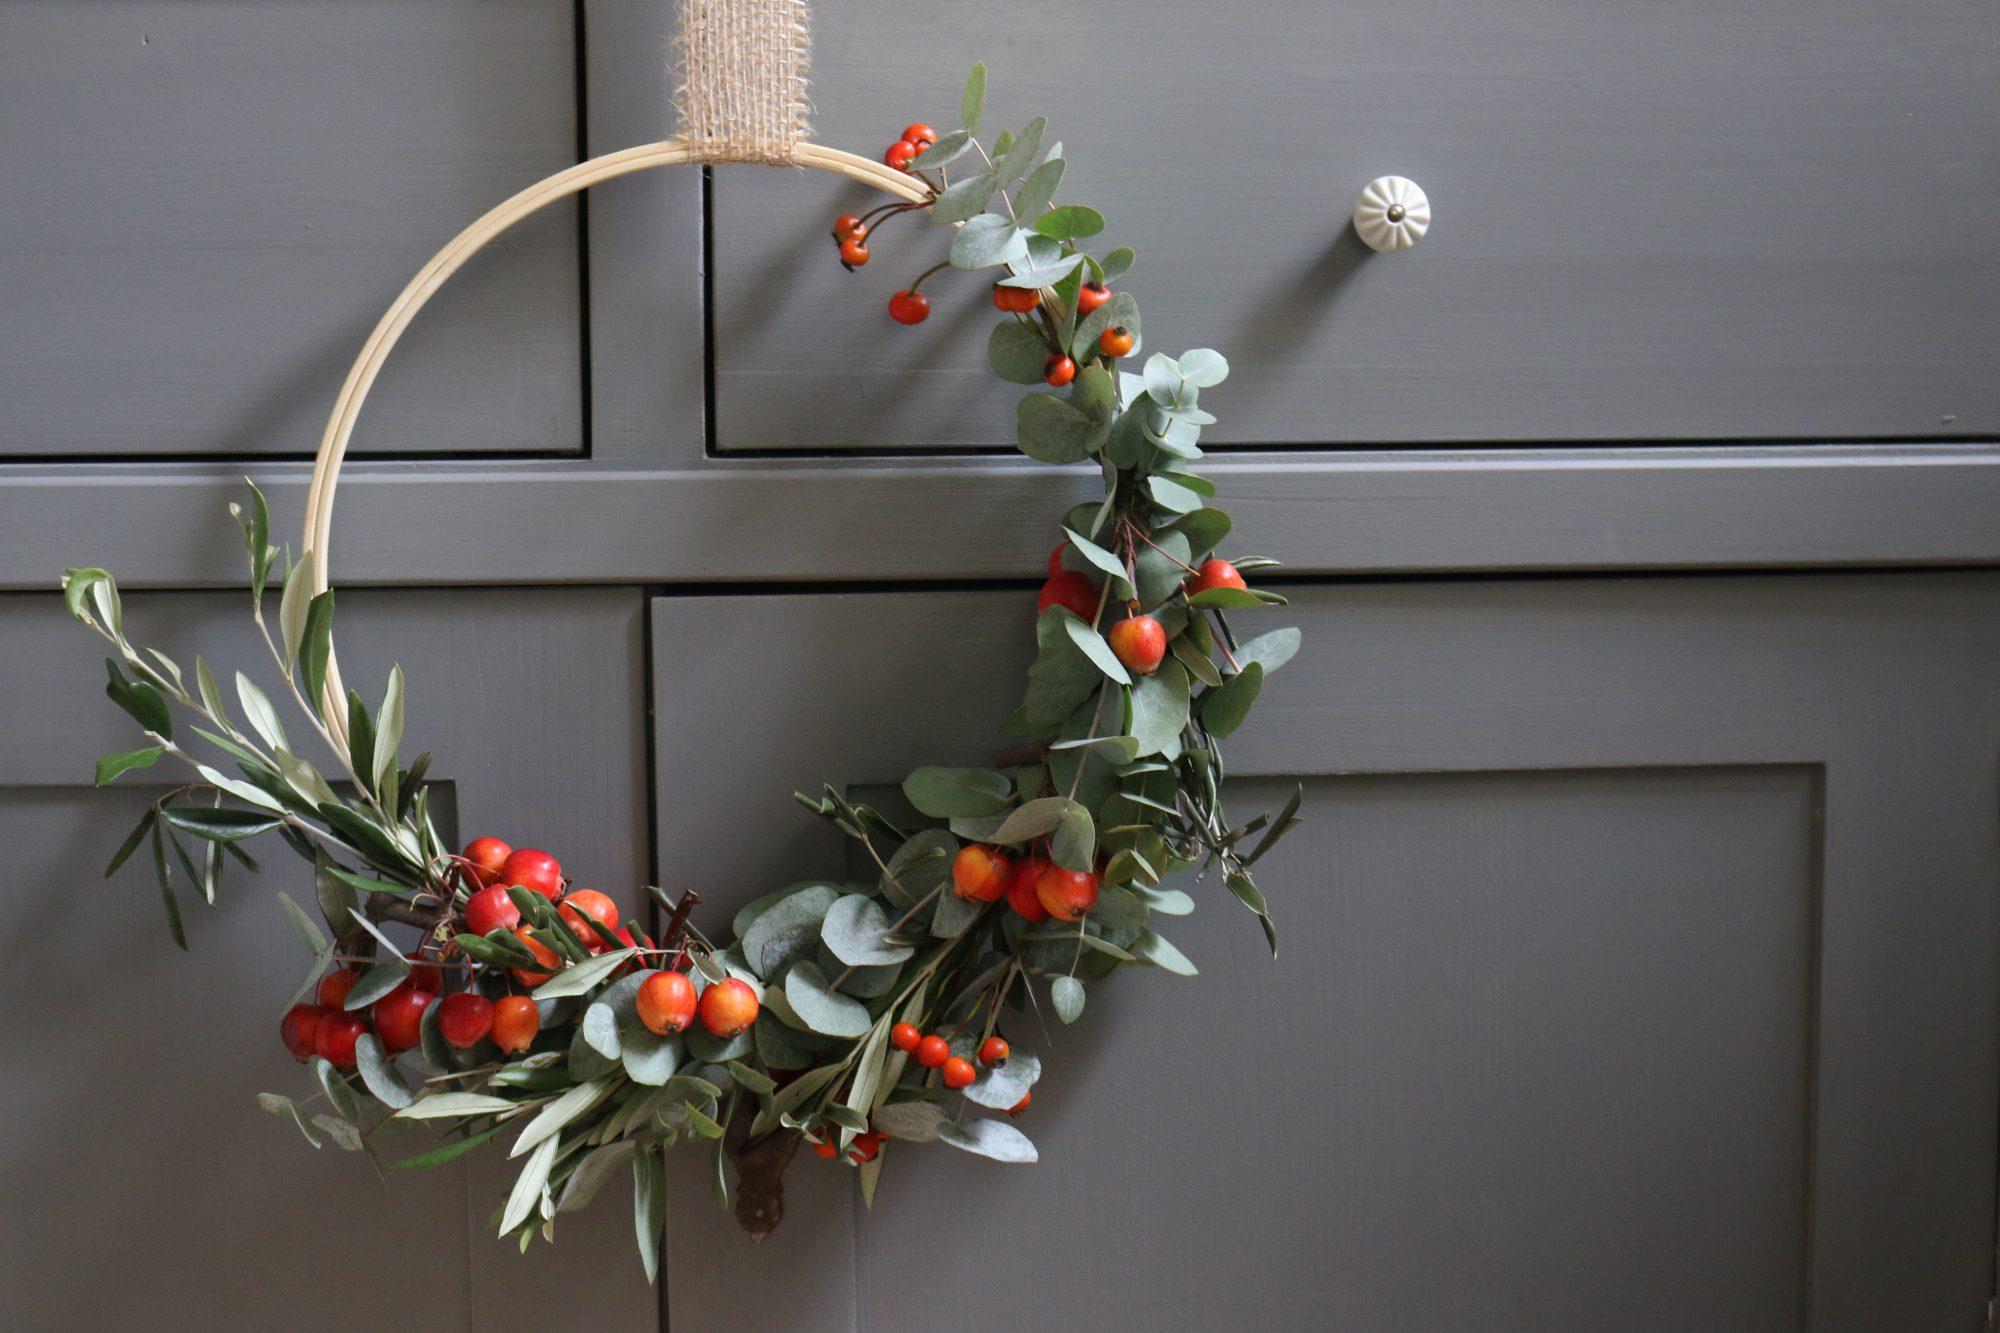 Krans met eucalyptus, olijftakjes, sierappeltjes en rozenbottels.